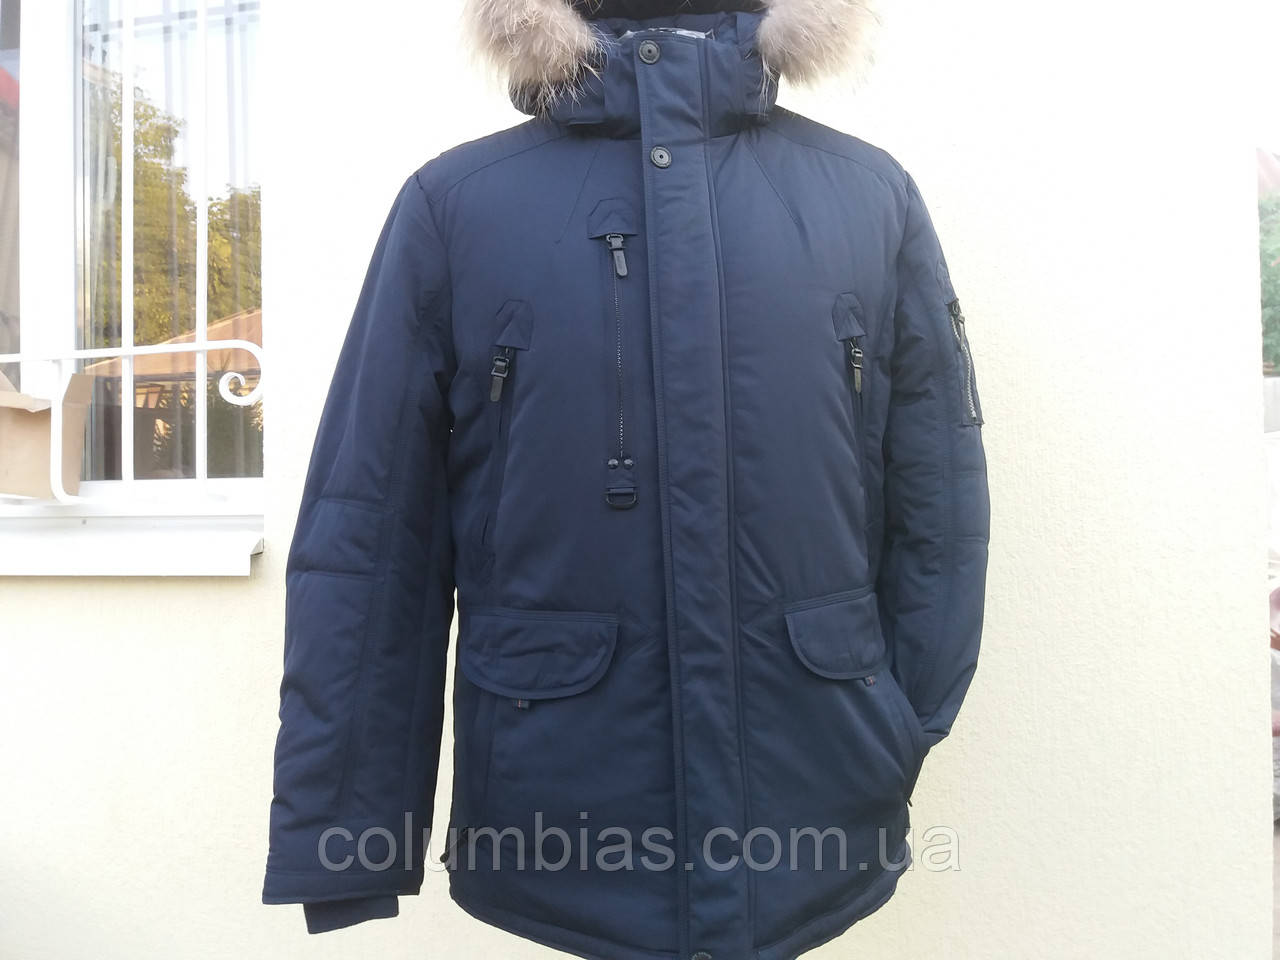 Зимняя куртка утеплитель верблюжья шерсть